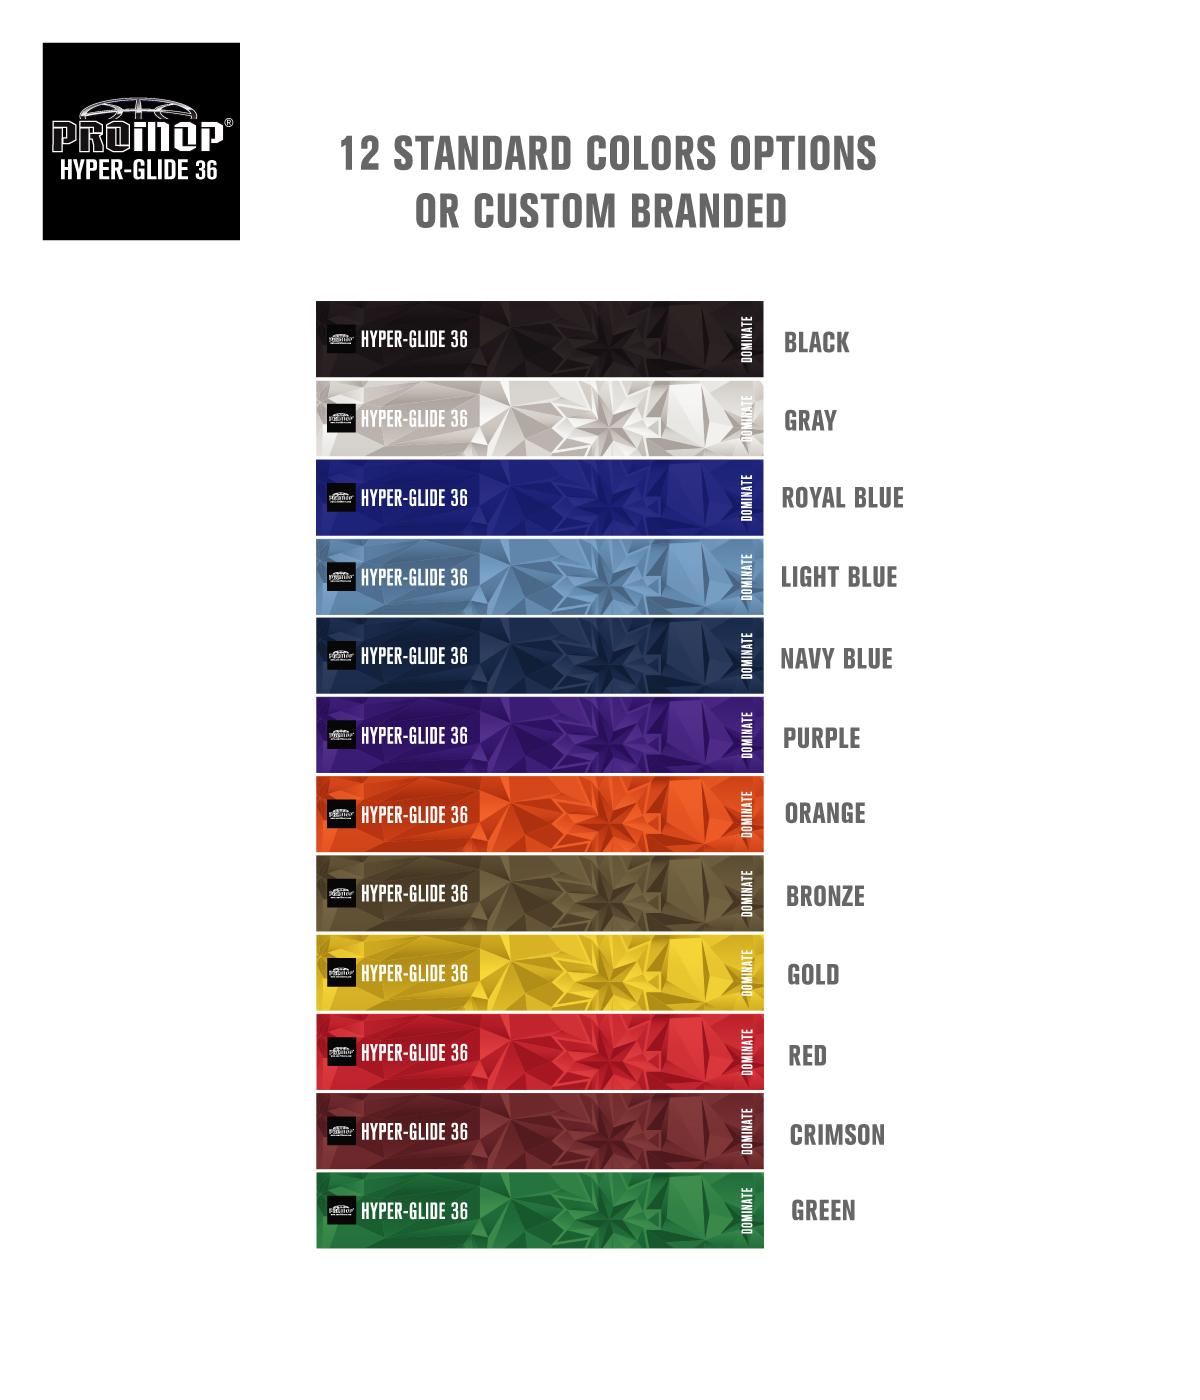 PROMOP HYPER-GLIDE 36 COLOR OPTIONS